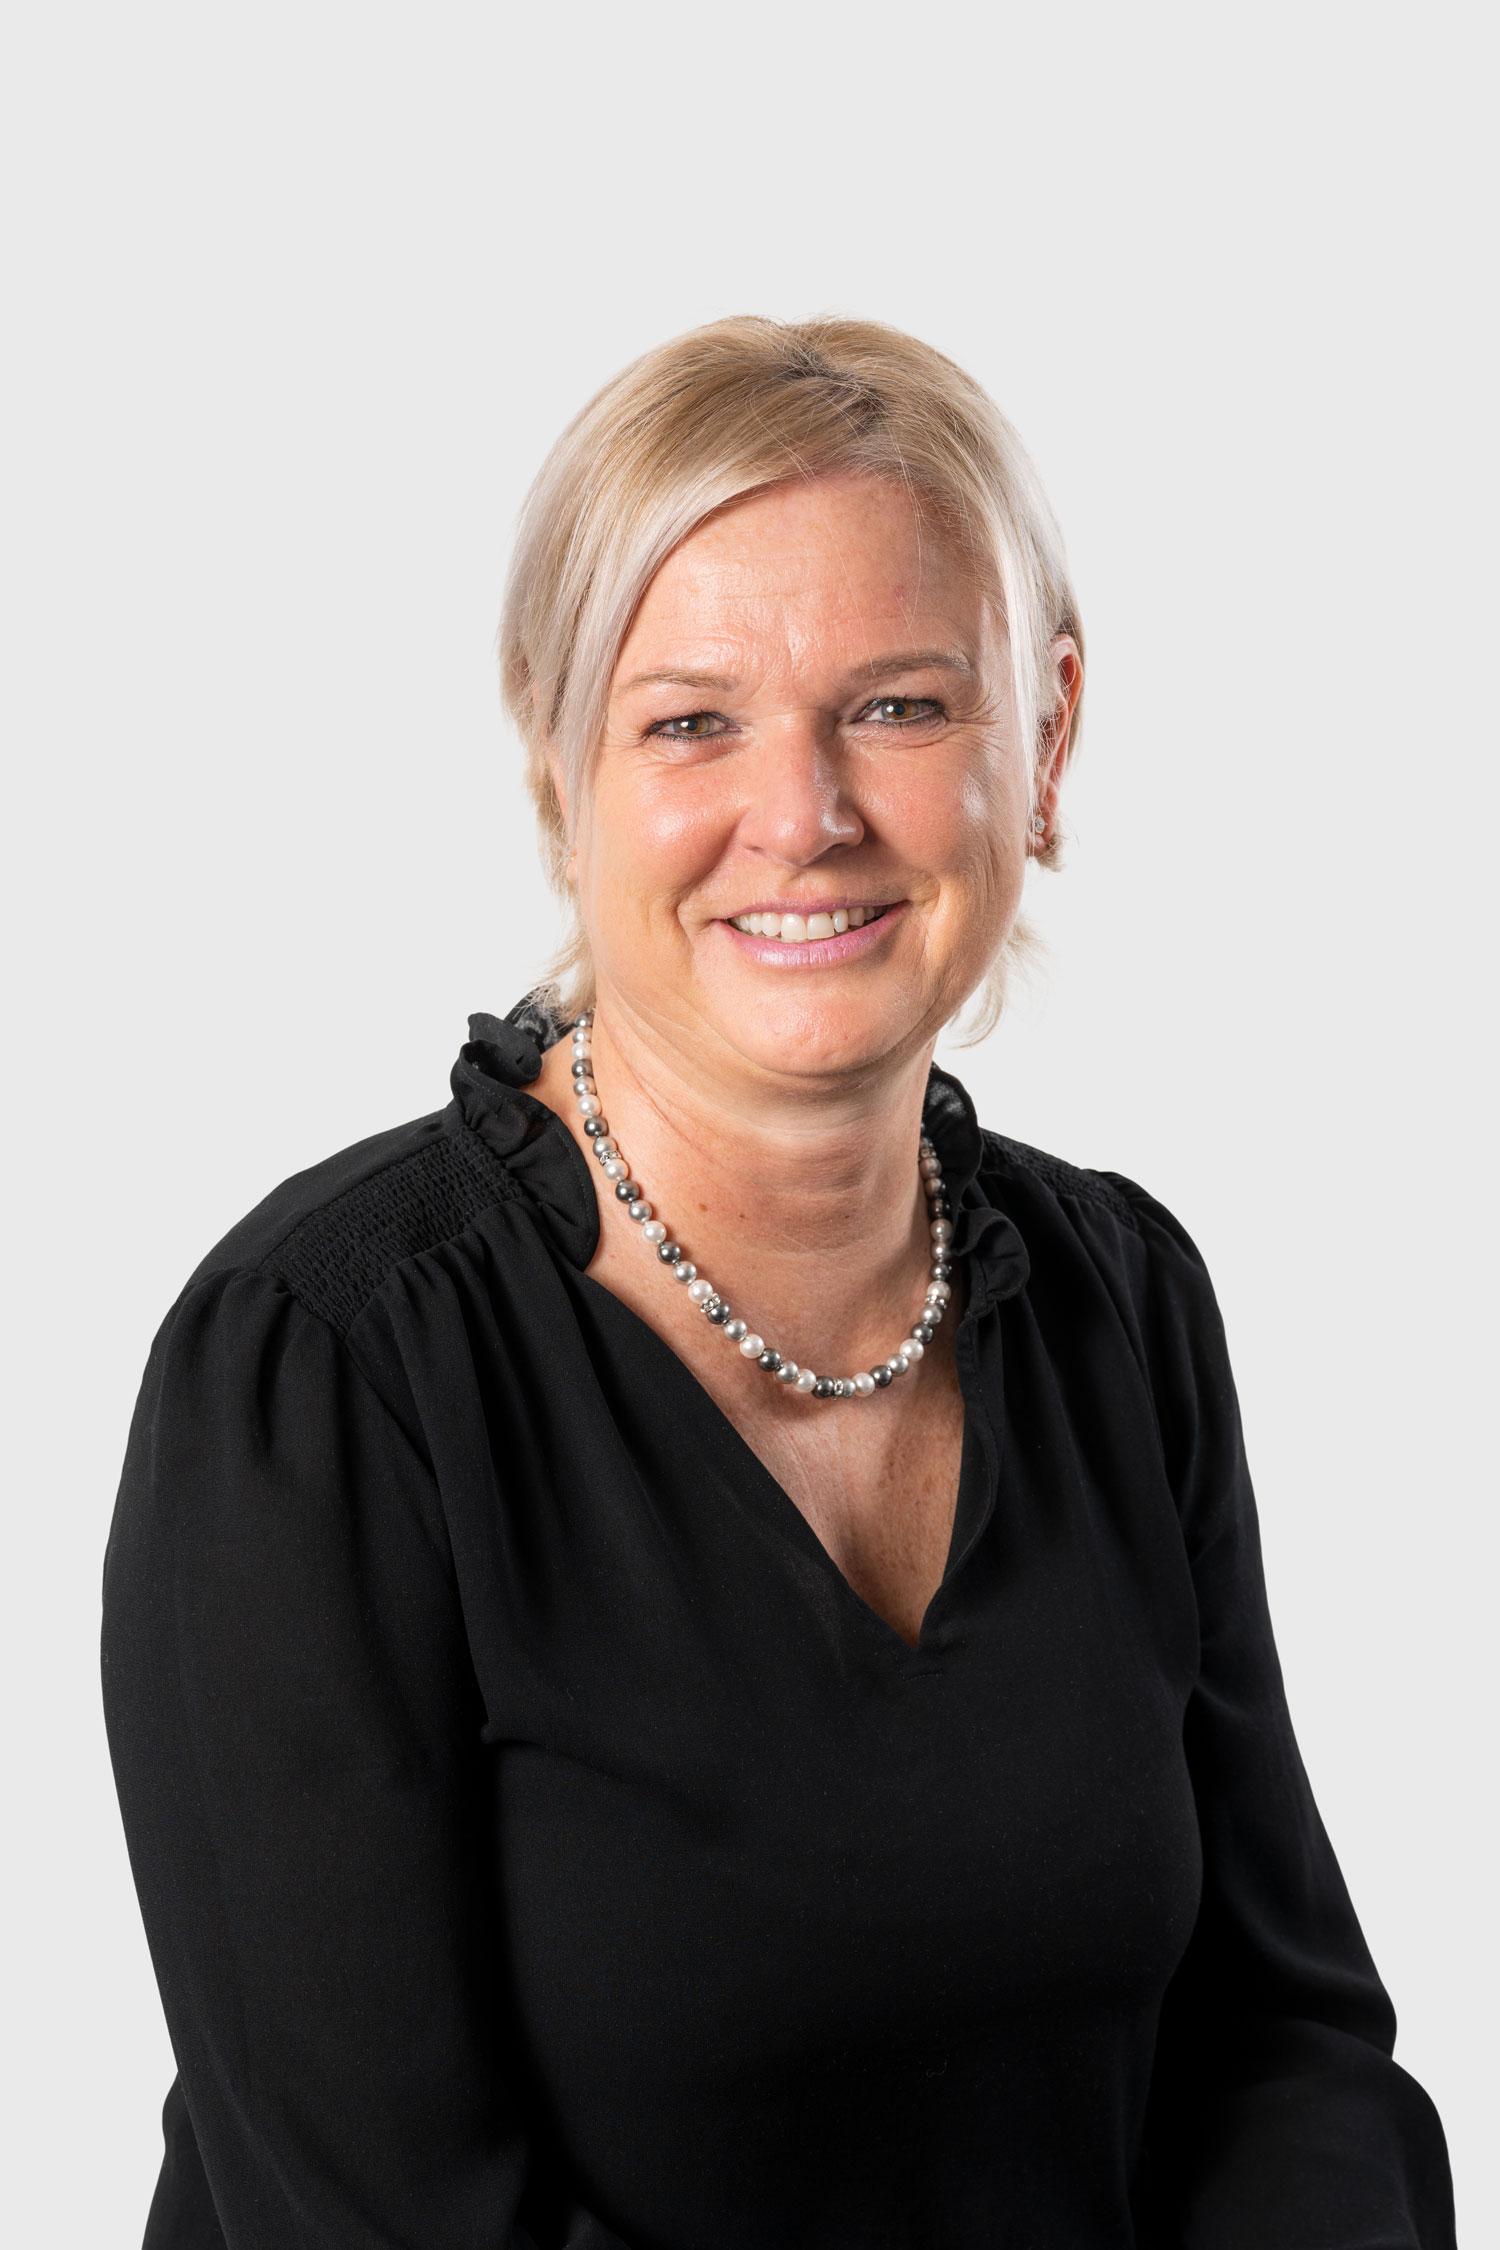 Eveline Rechsteiner